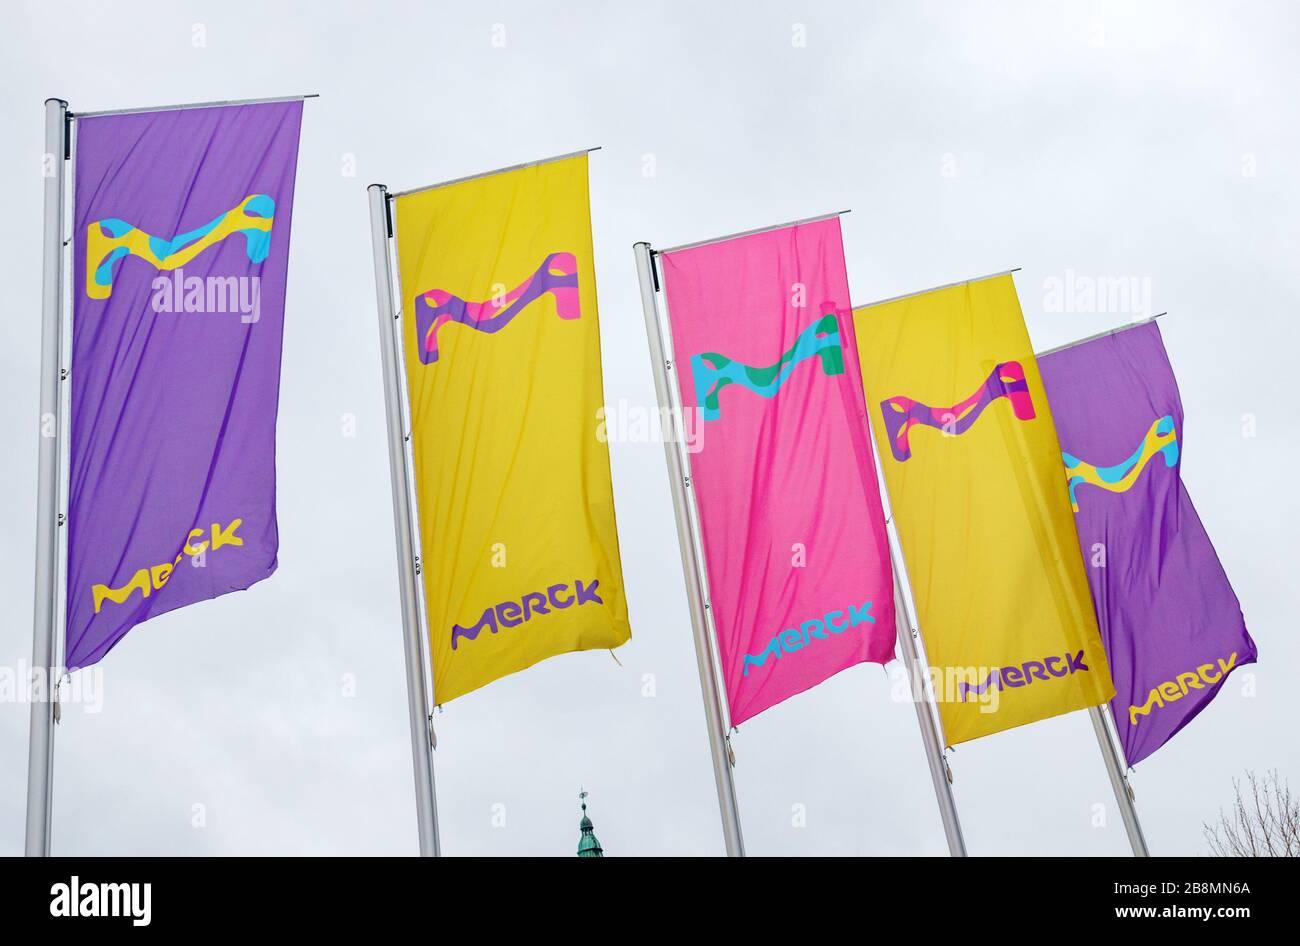 Línea de banderas de colores con el logotipo de Merck. Merck KGaA es una de las mayores compañías farmacéuticas del mundo. Darmstadt, Alemania. Foto de stock